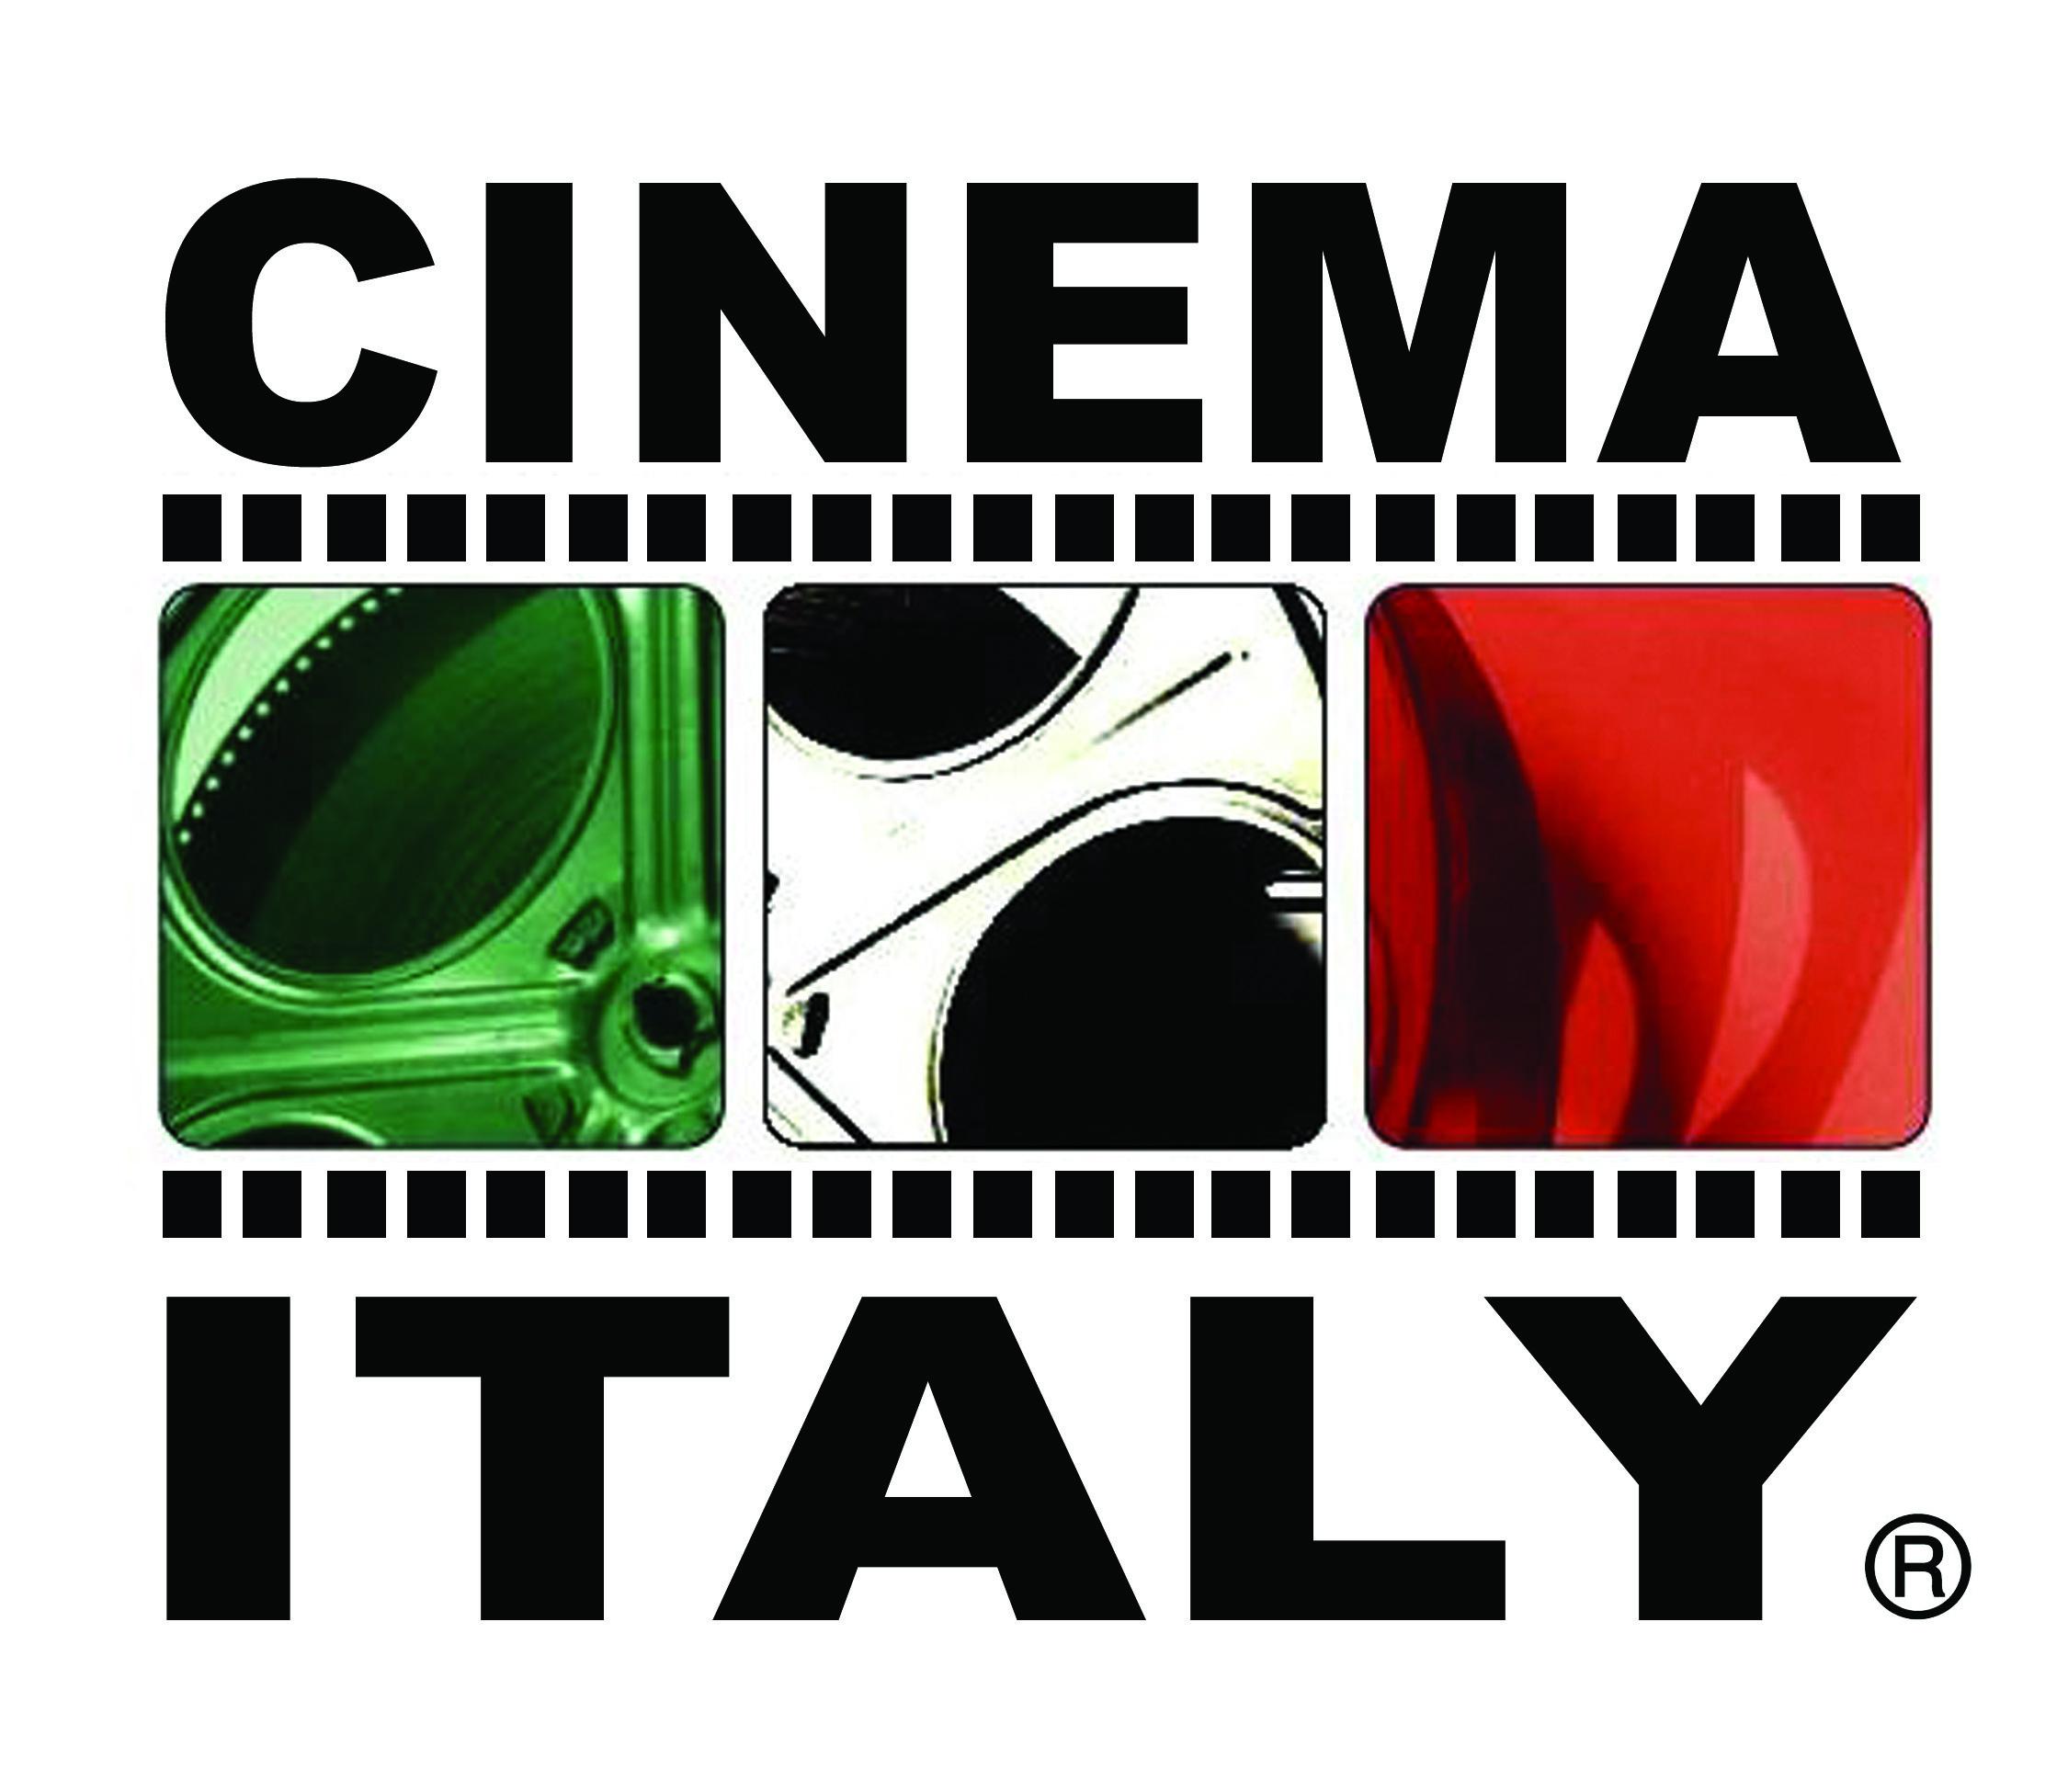 Italian film